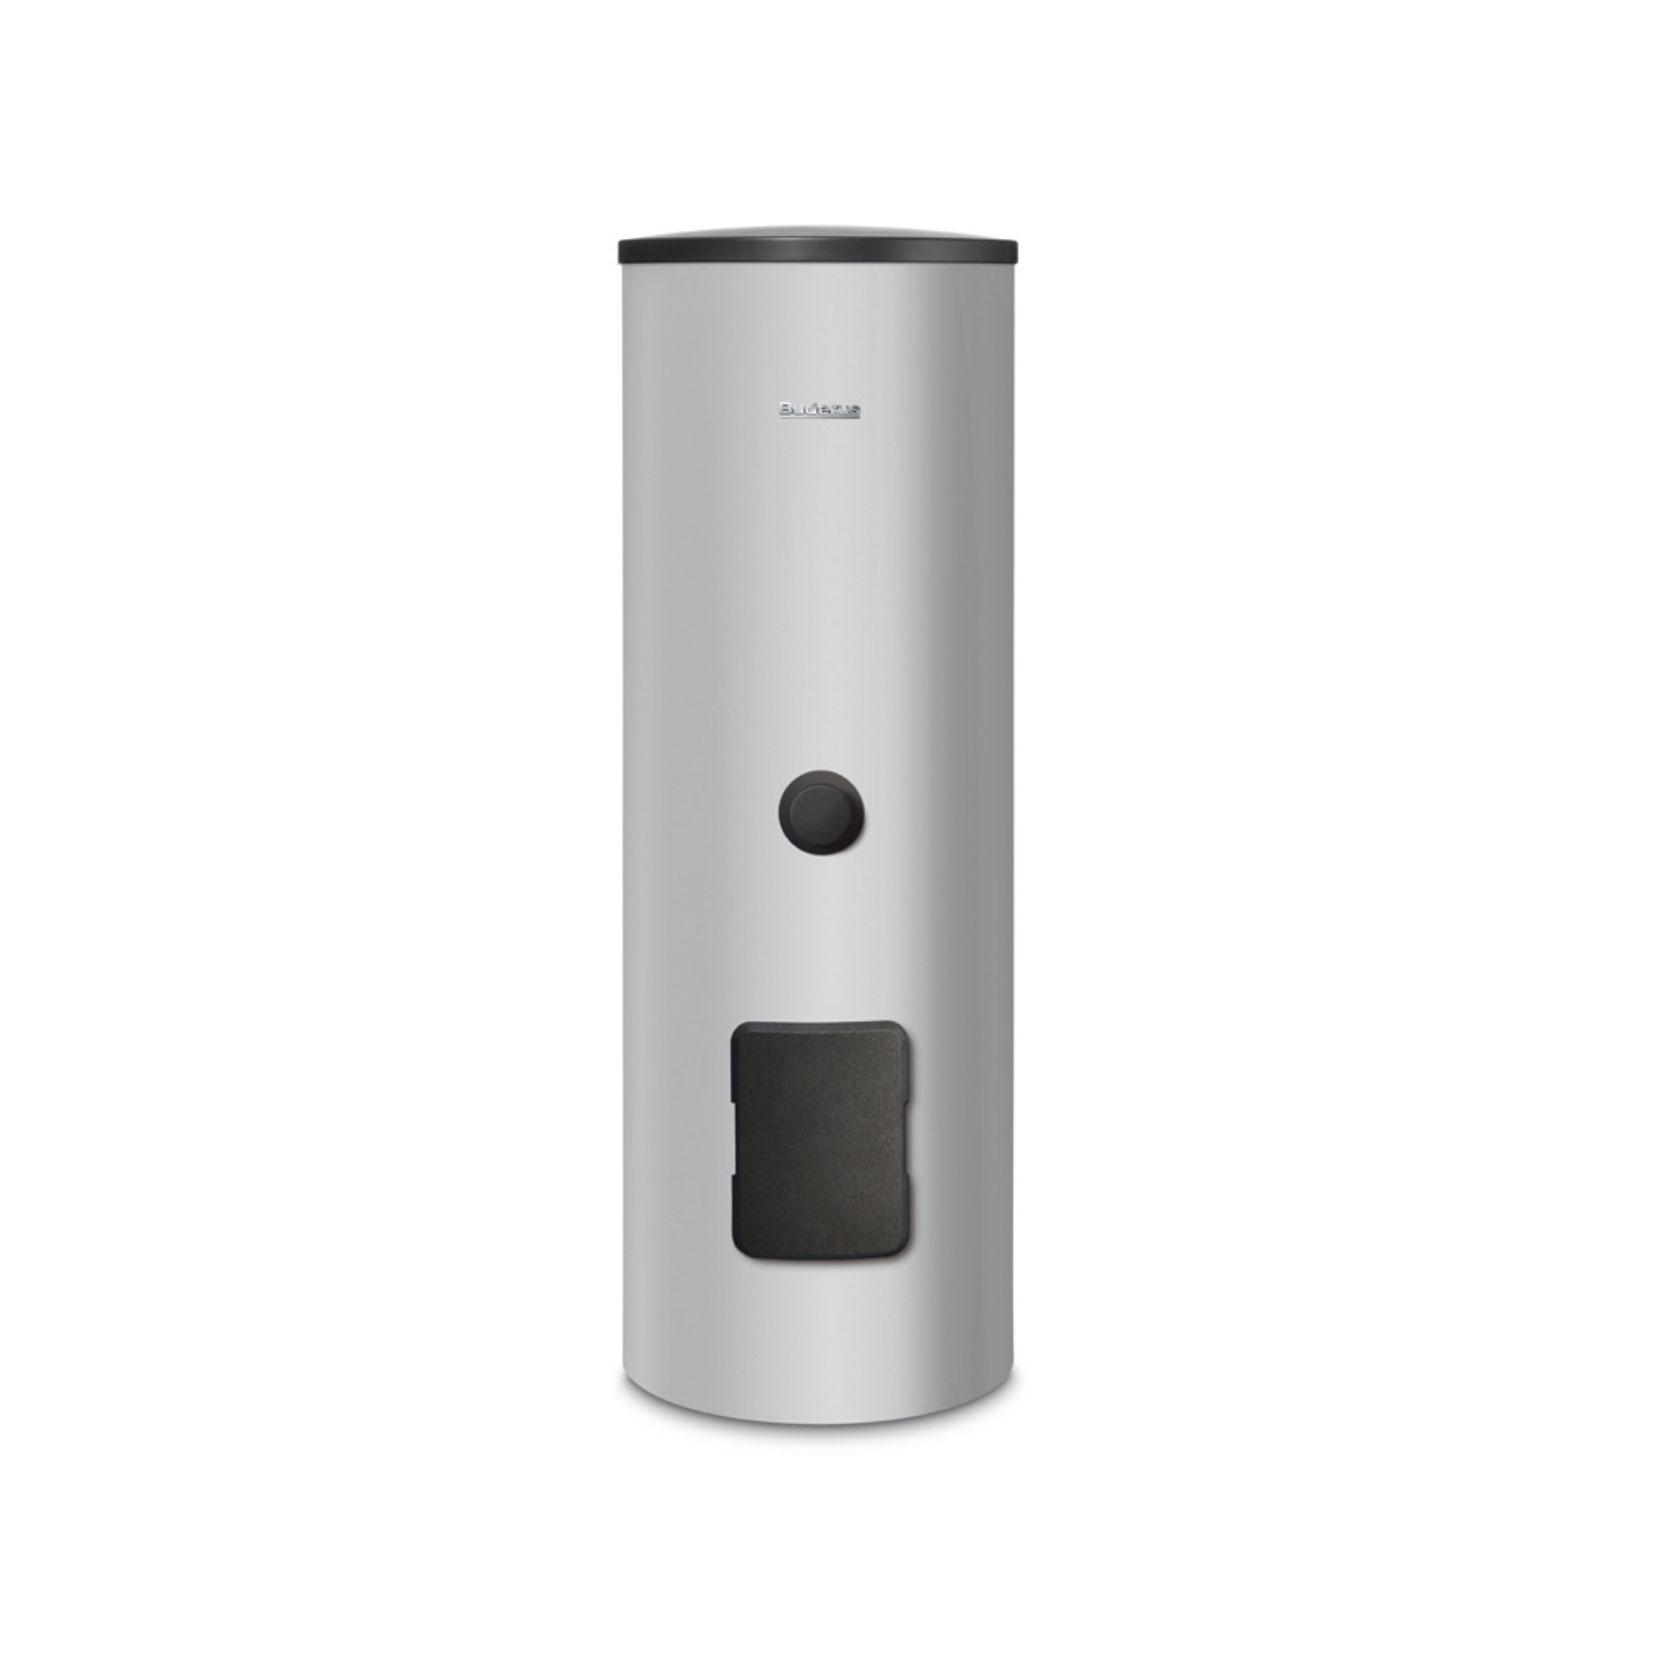 Buderus представил новую линейку водонагревательных баков из нержавеющей стали